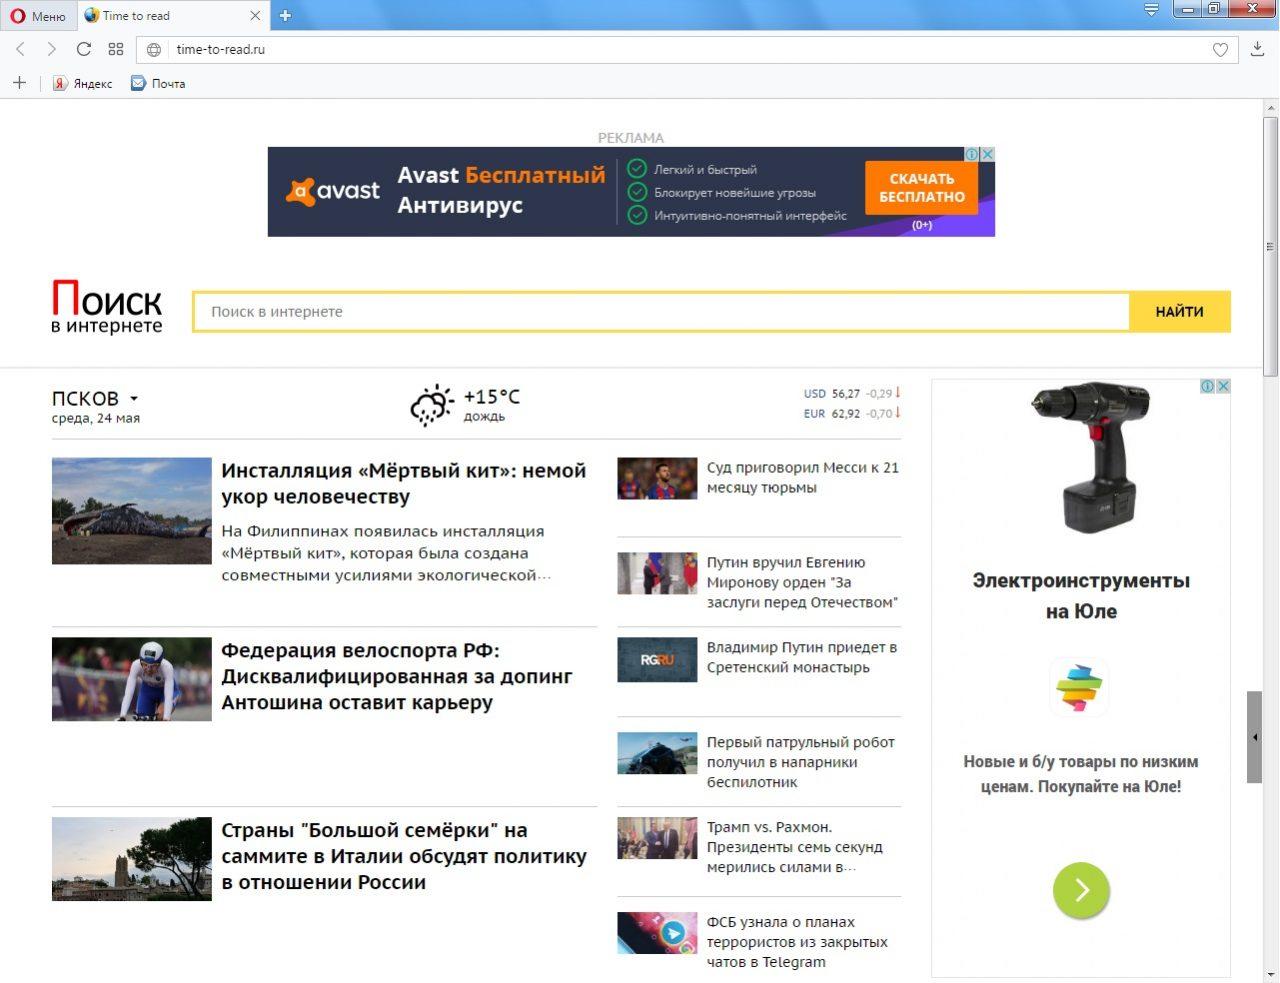 Как удалить вирус time-to-read.ru (granena) из браузера. Лечение. 1 - lenium.ru